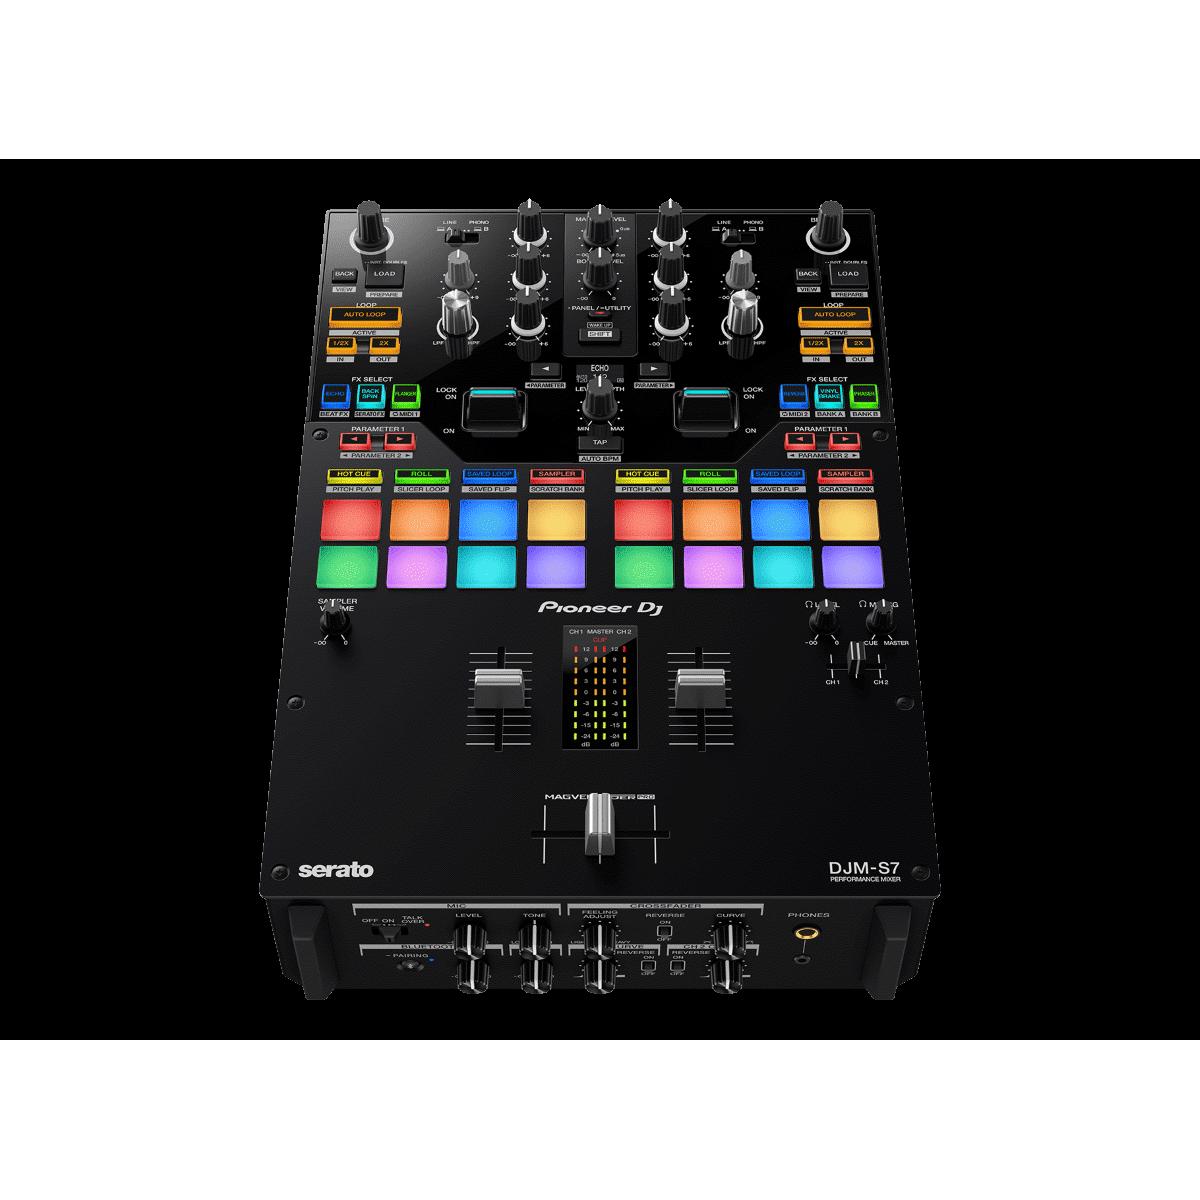 MIXER PIONEER DJM-S7